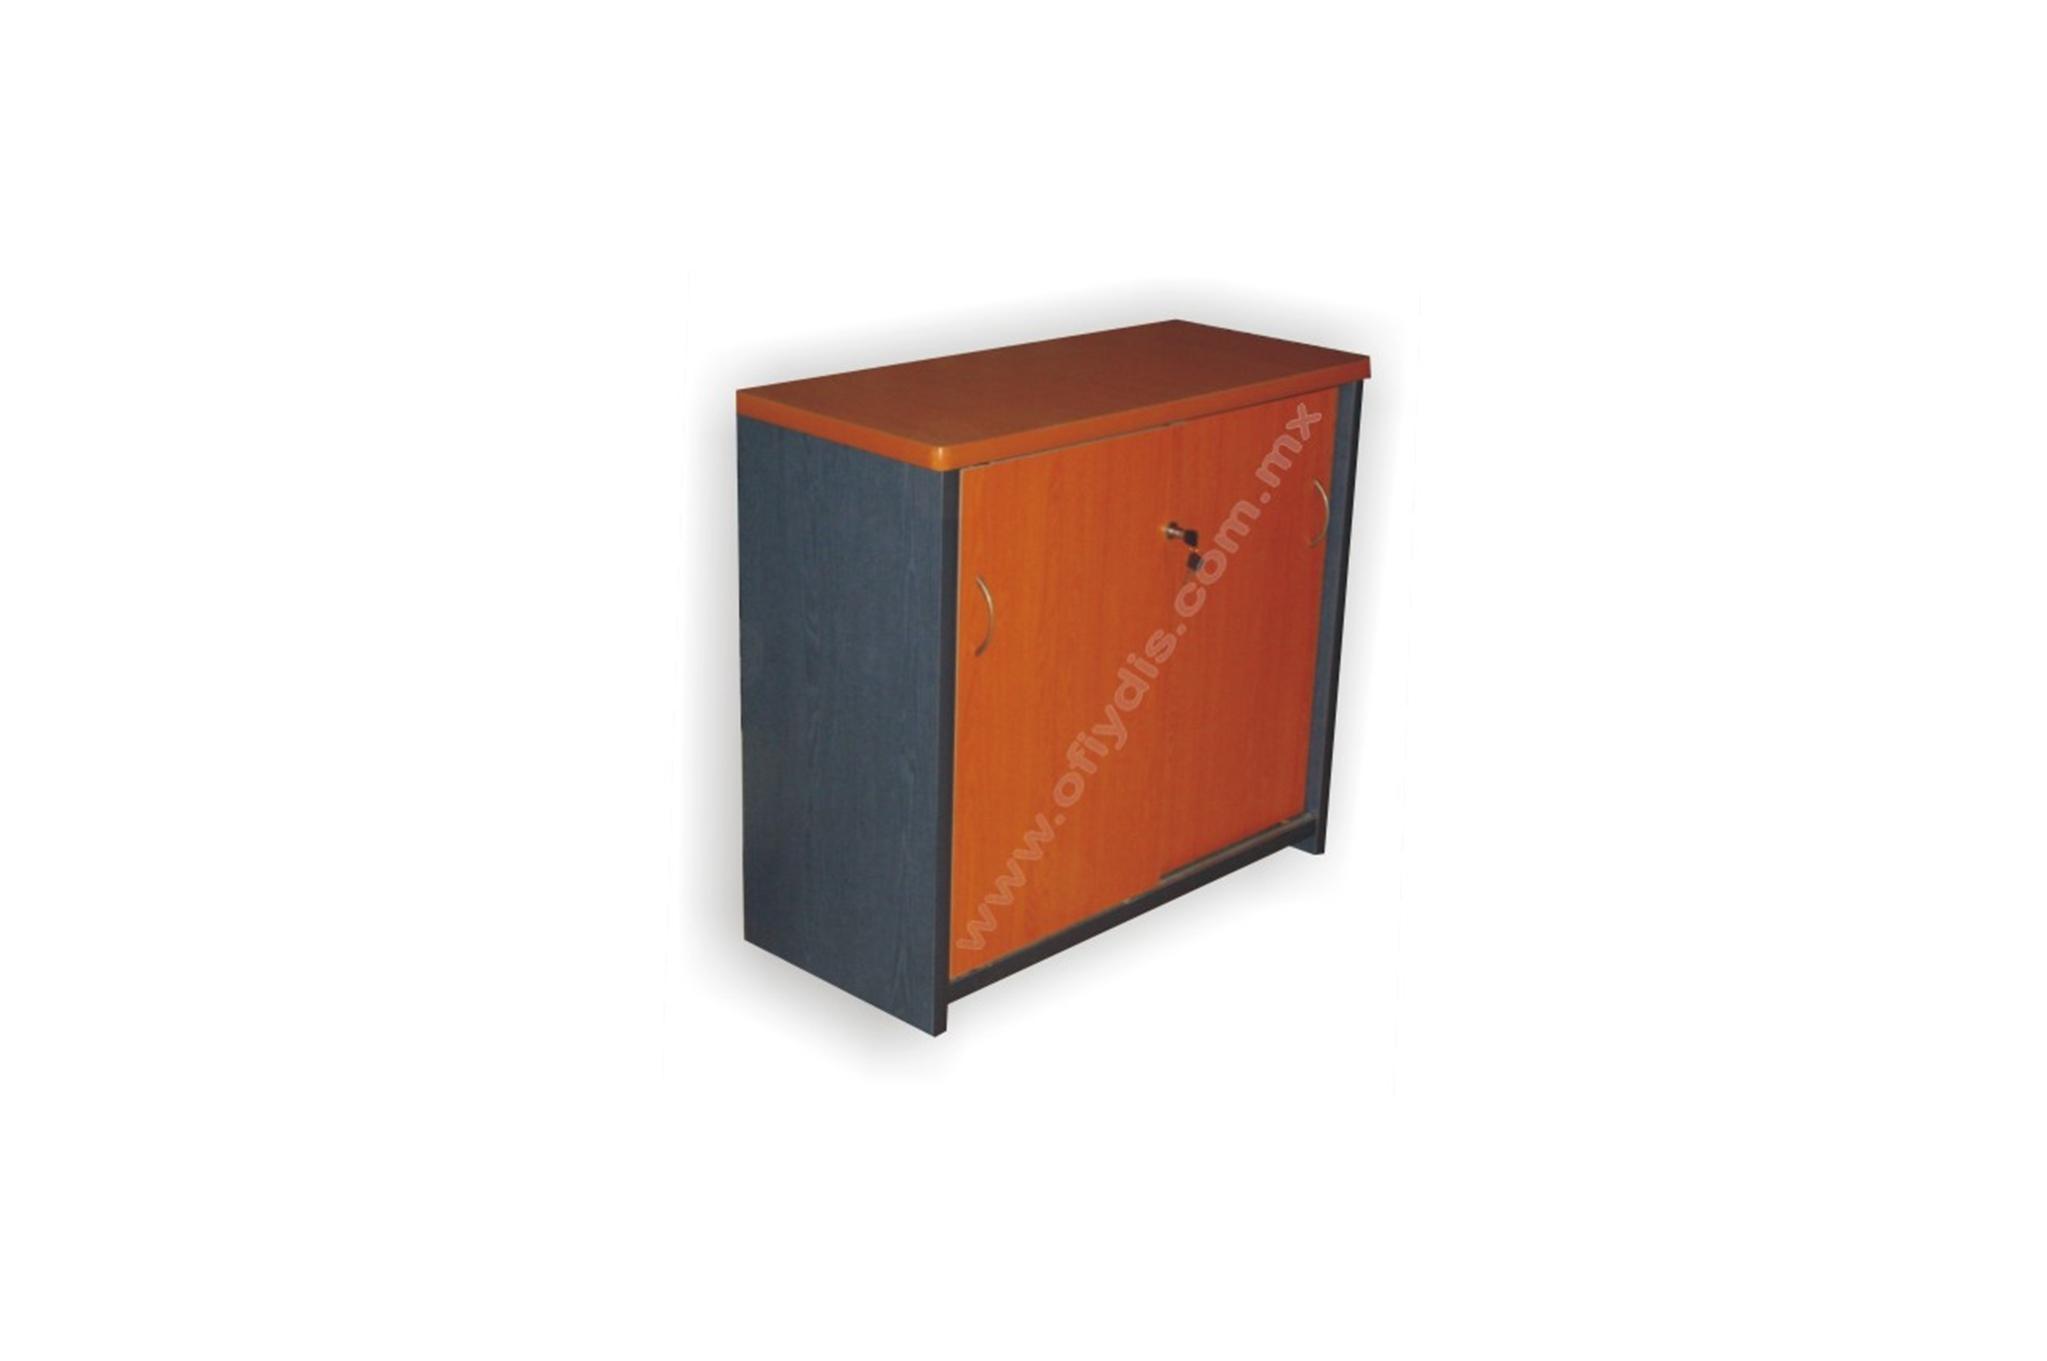 Credenza Con Dos Puertas Corredizas : Credenza con puertas ofiydis muebles para oficina